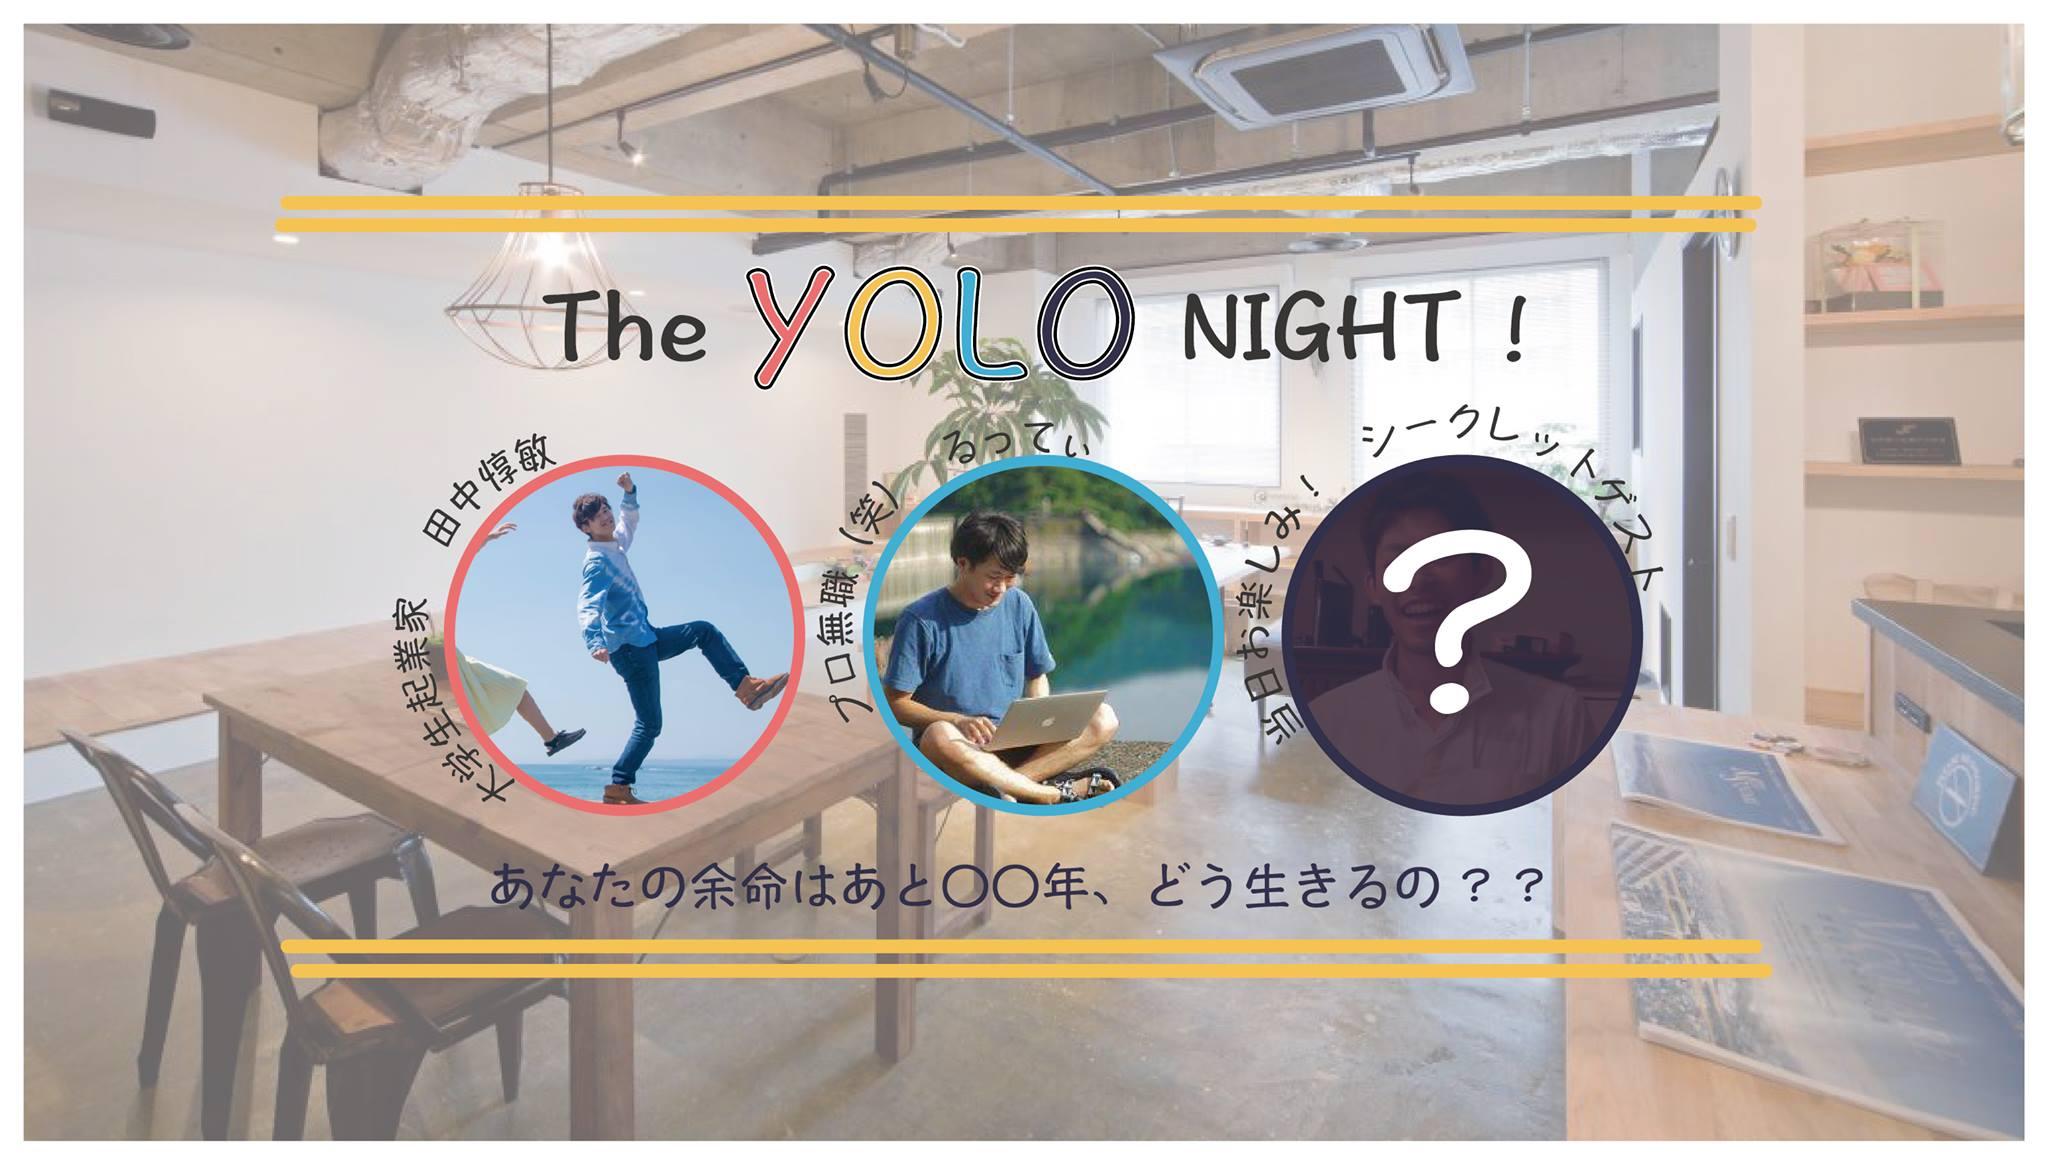 The YOLO NIGHT〜あなたの余命はあと○○年、どう生きるの??〜